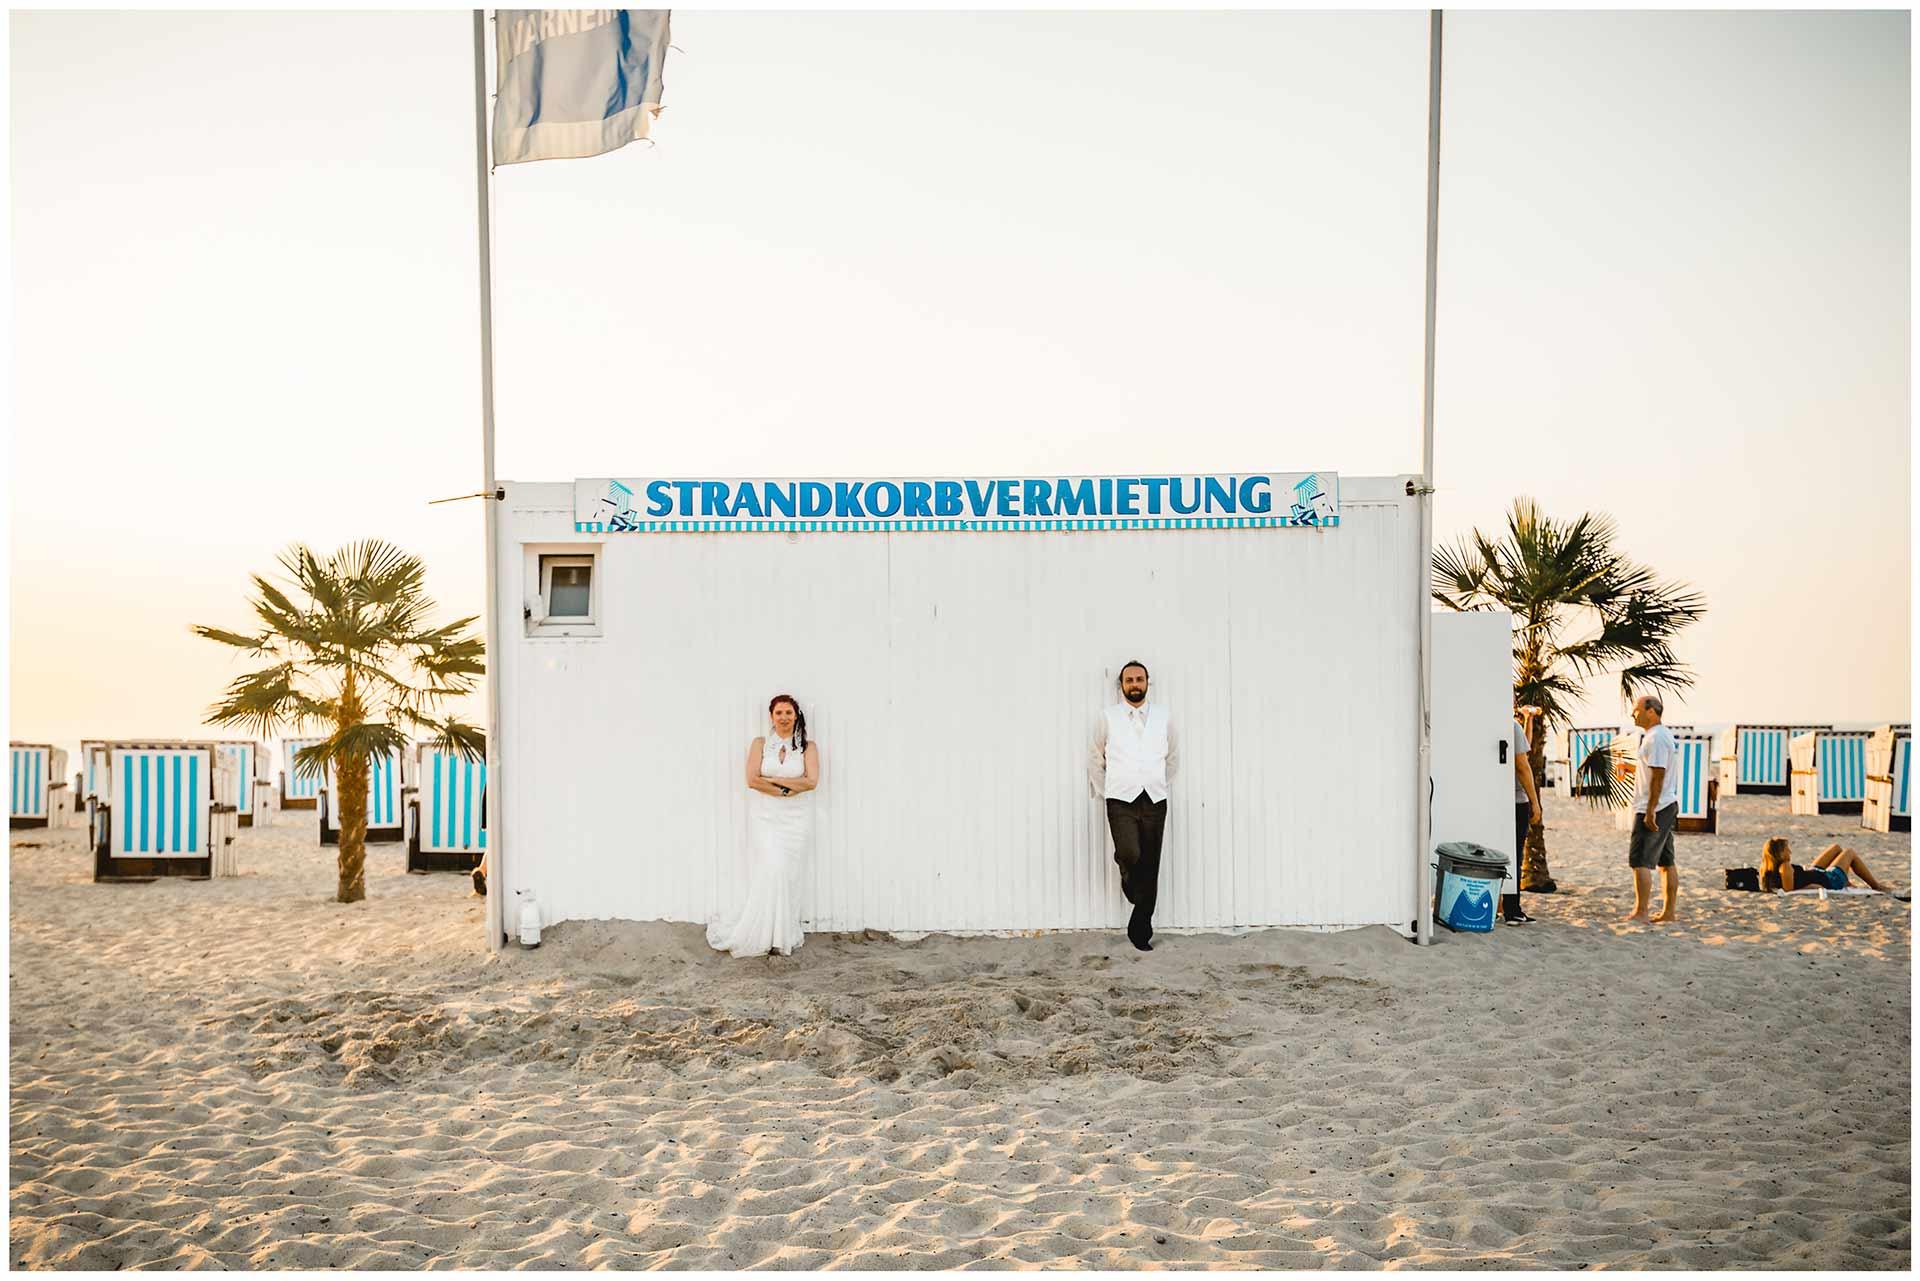 Brautpaar-steht-am-Haus-der-Strandkorbvermietung-Shooting-am-Strand-Hochzeitsfotografie-Hochzeitsfotograf-Warnemuende-Hochzeitsfotograf-Rostock-Hochzeitsfotograf-Ostseebad-Warnemuende